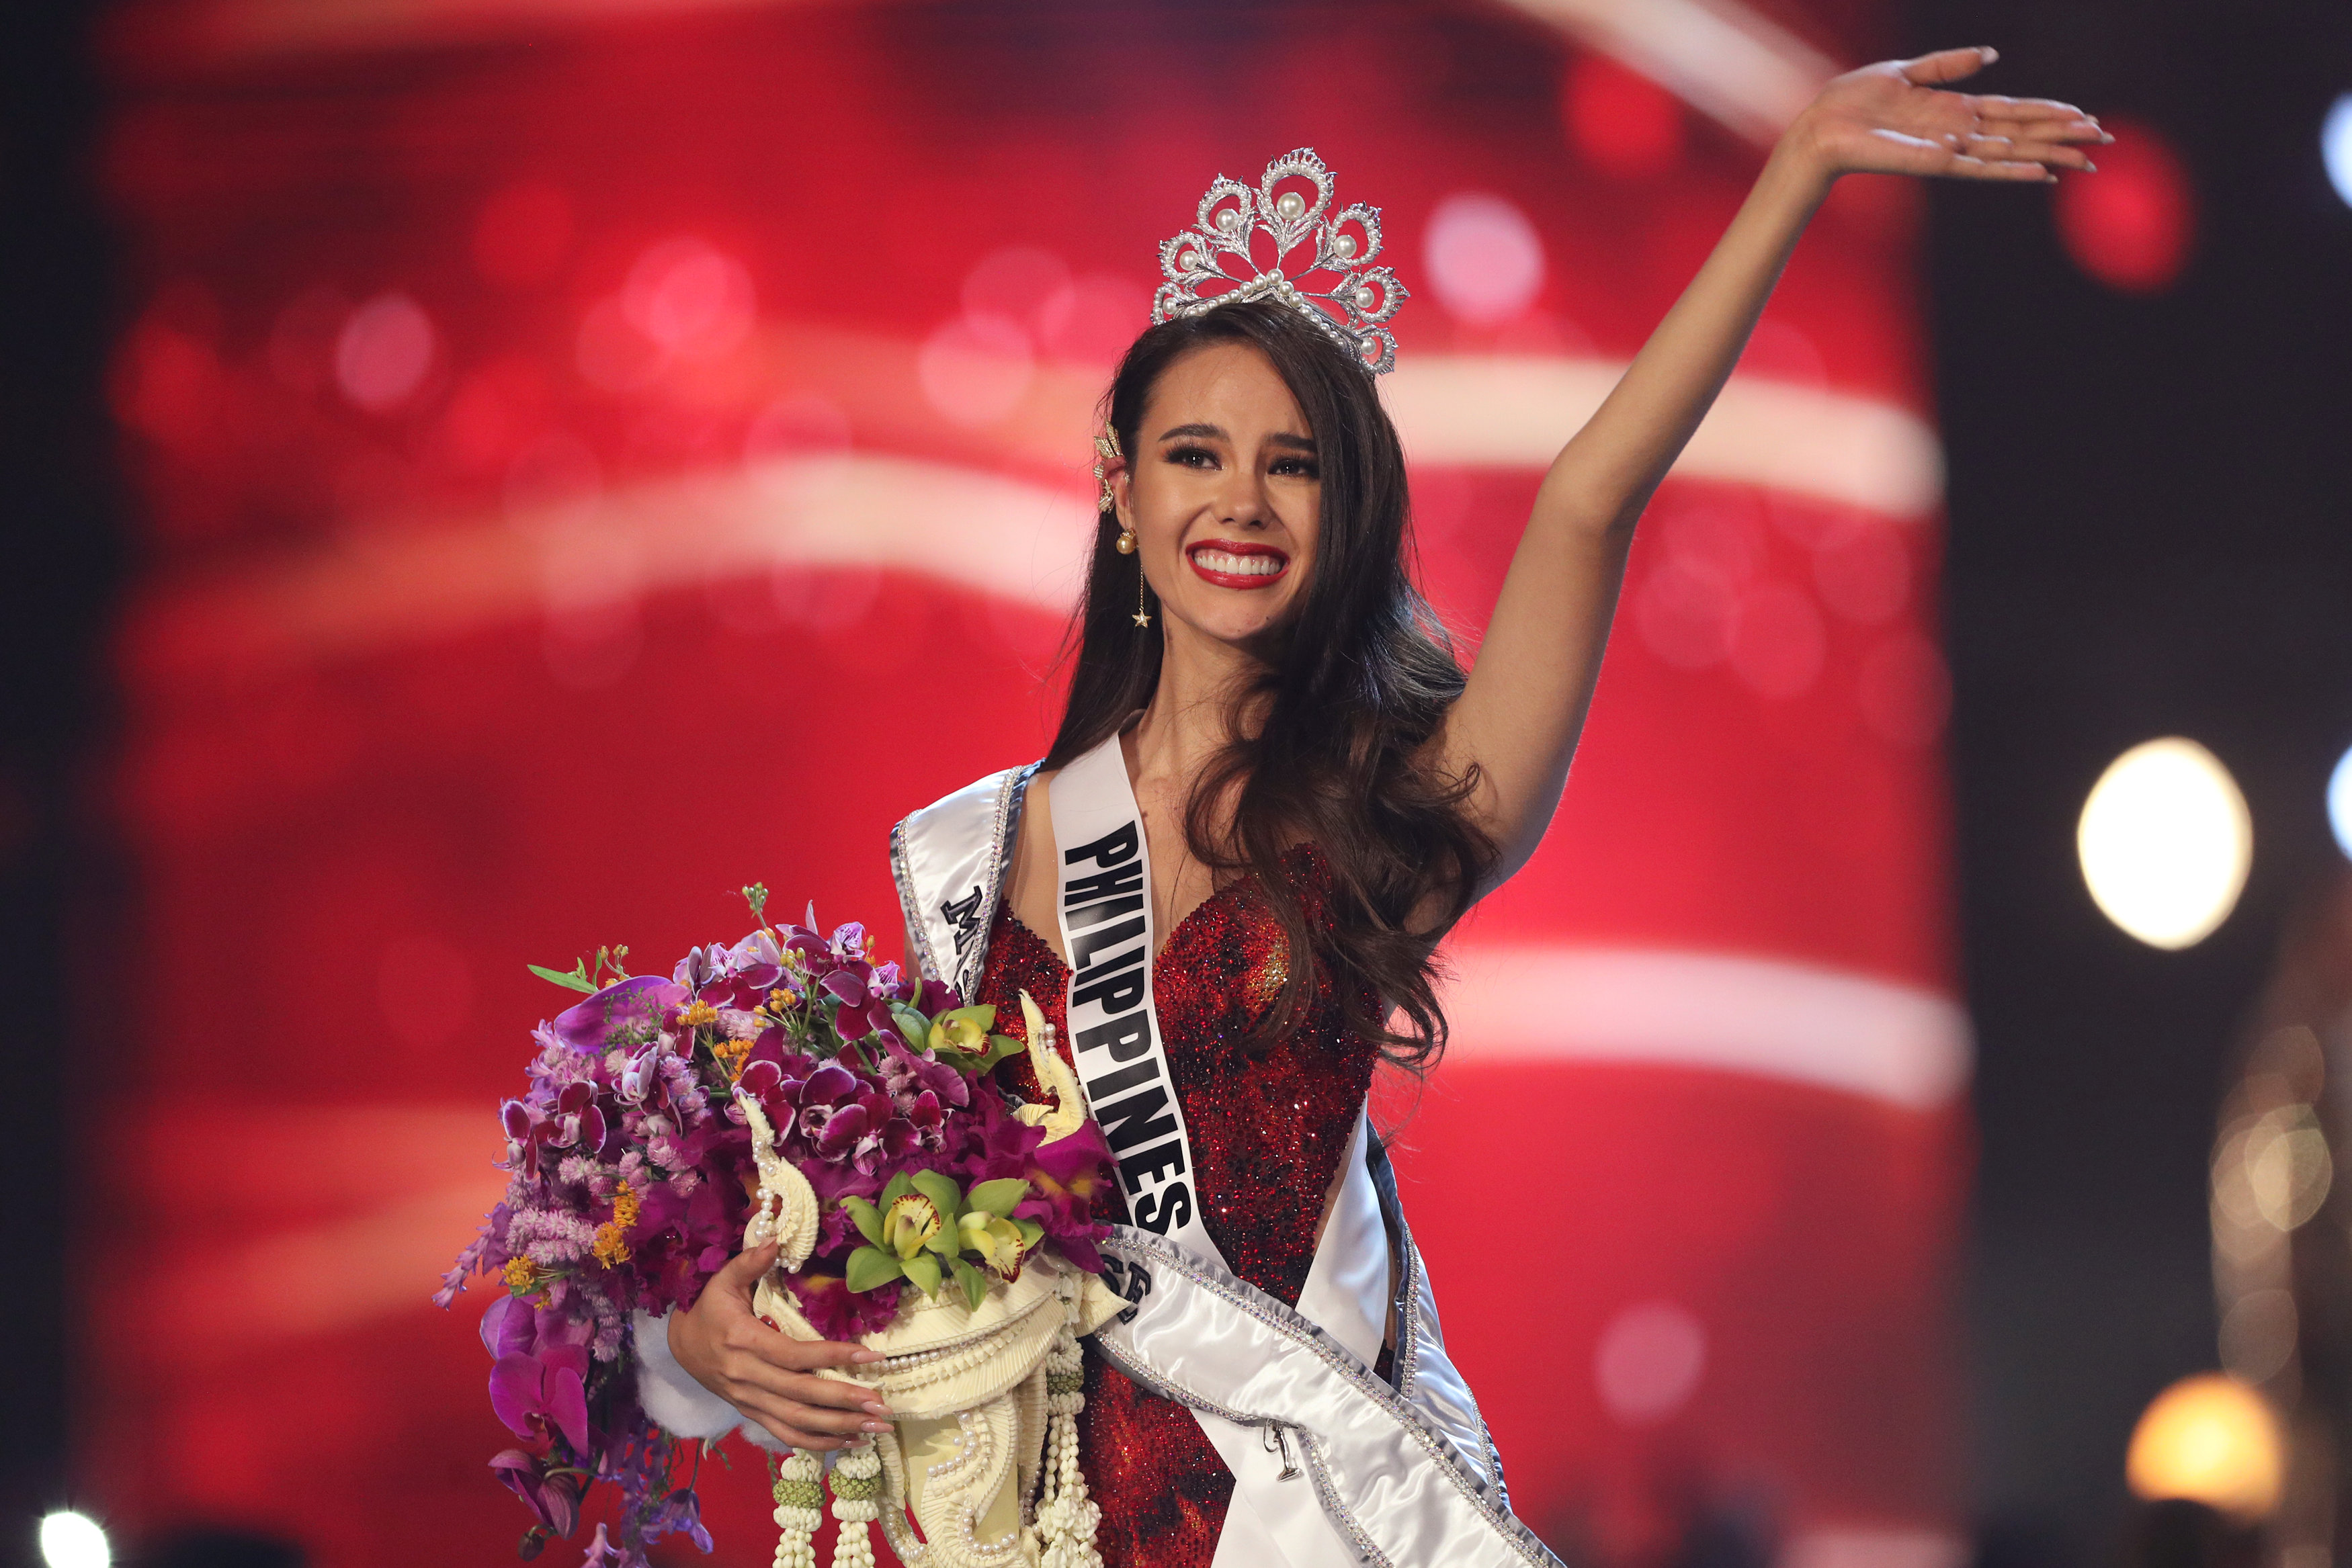 Con la victoria de Catriona Gray, Filipinas suma cuatro coronas del certamen (REUTERS/Athit Perawongmetha)